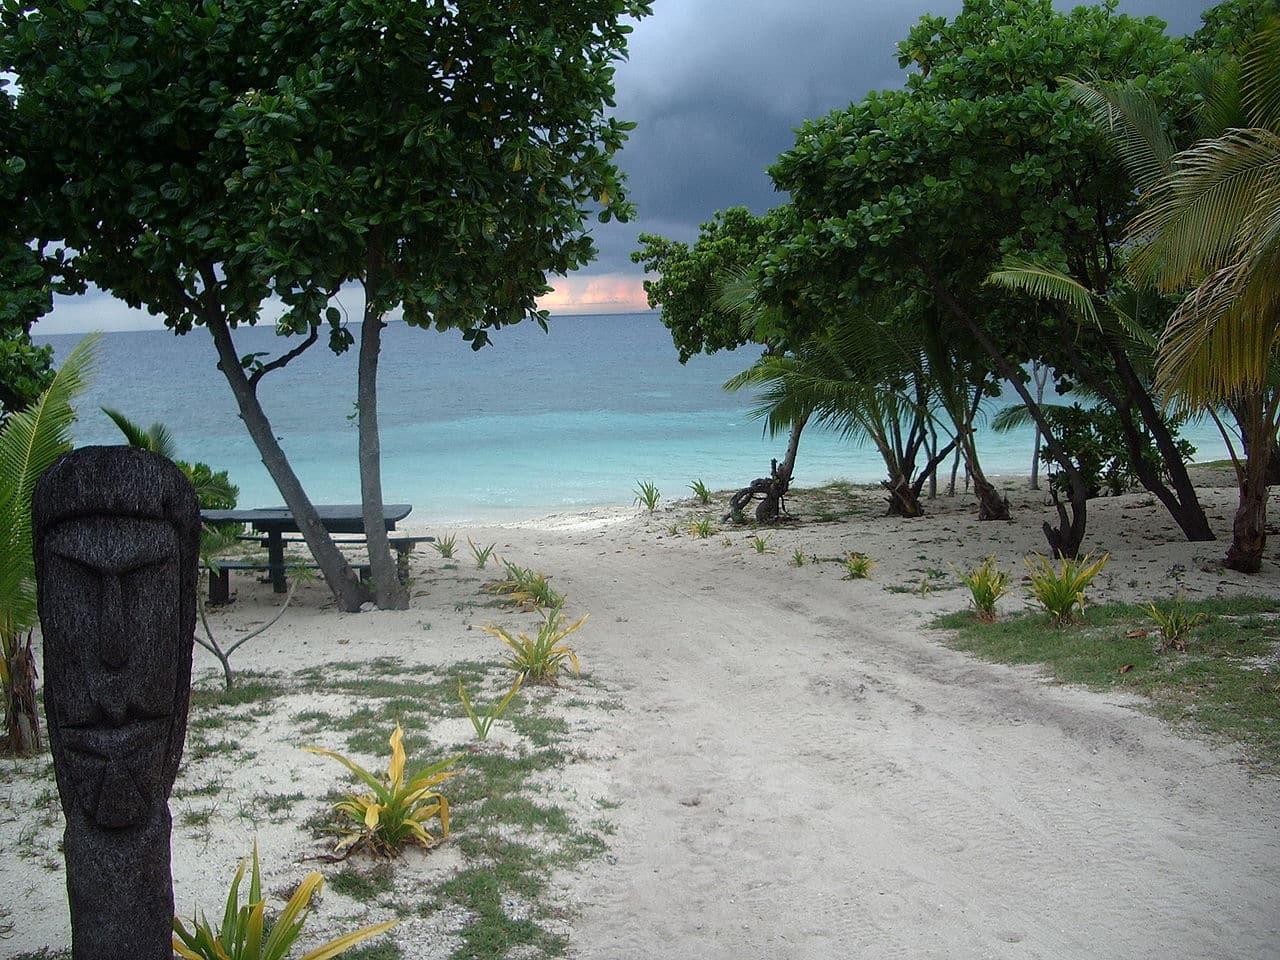 pontos turísticos ilhas fiji